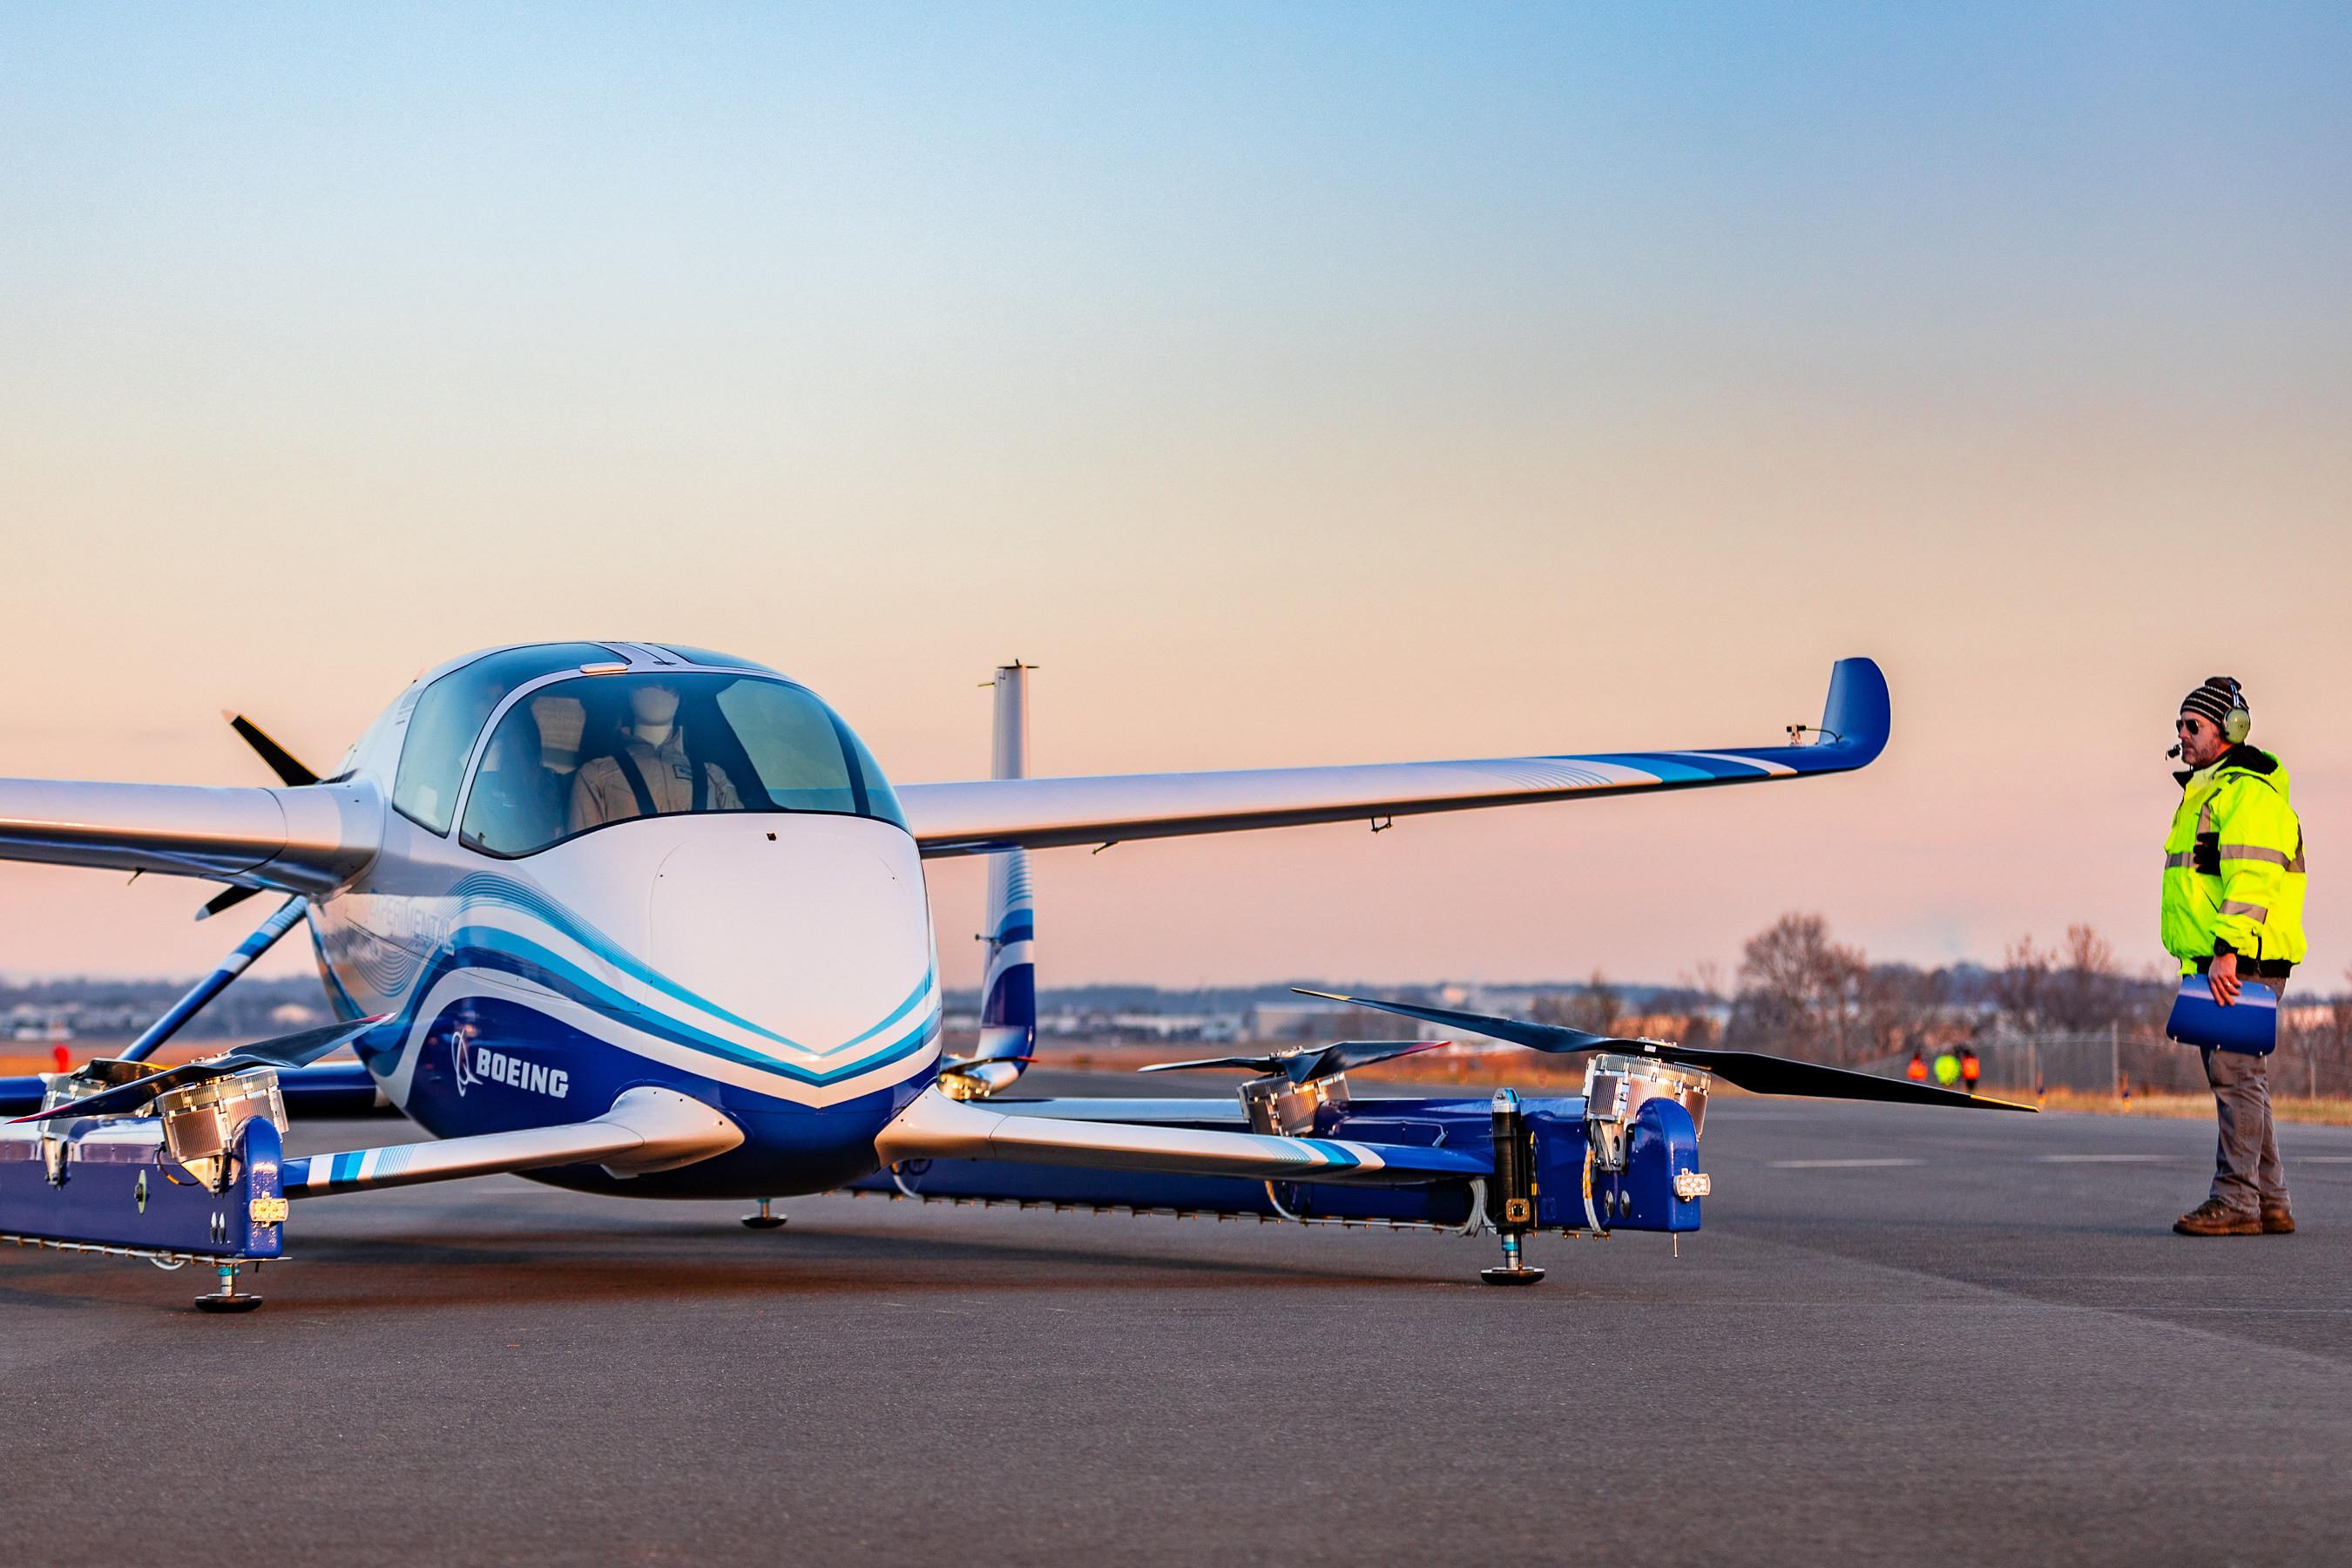 Boeing : Le taxi volant autonome de Boeing prend l'air